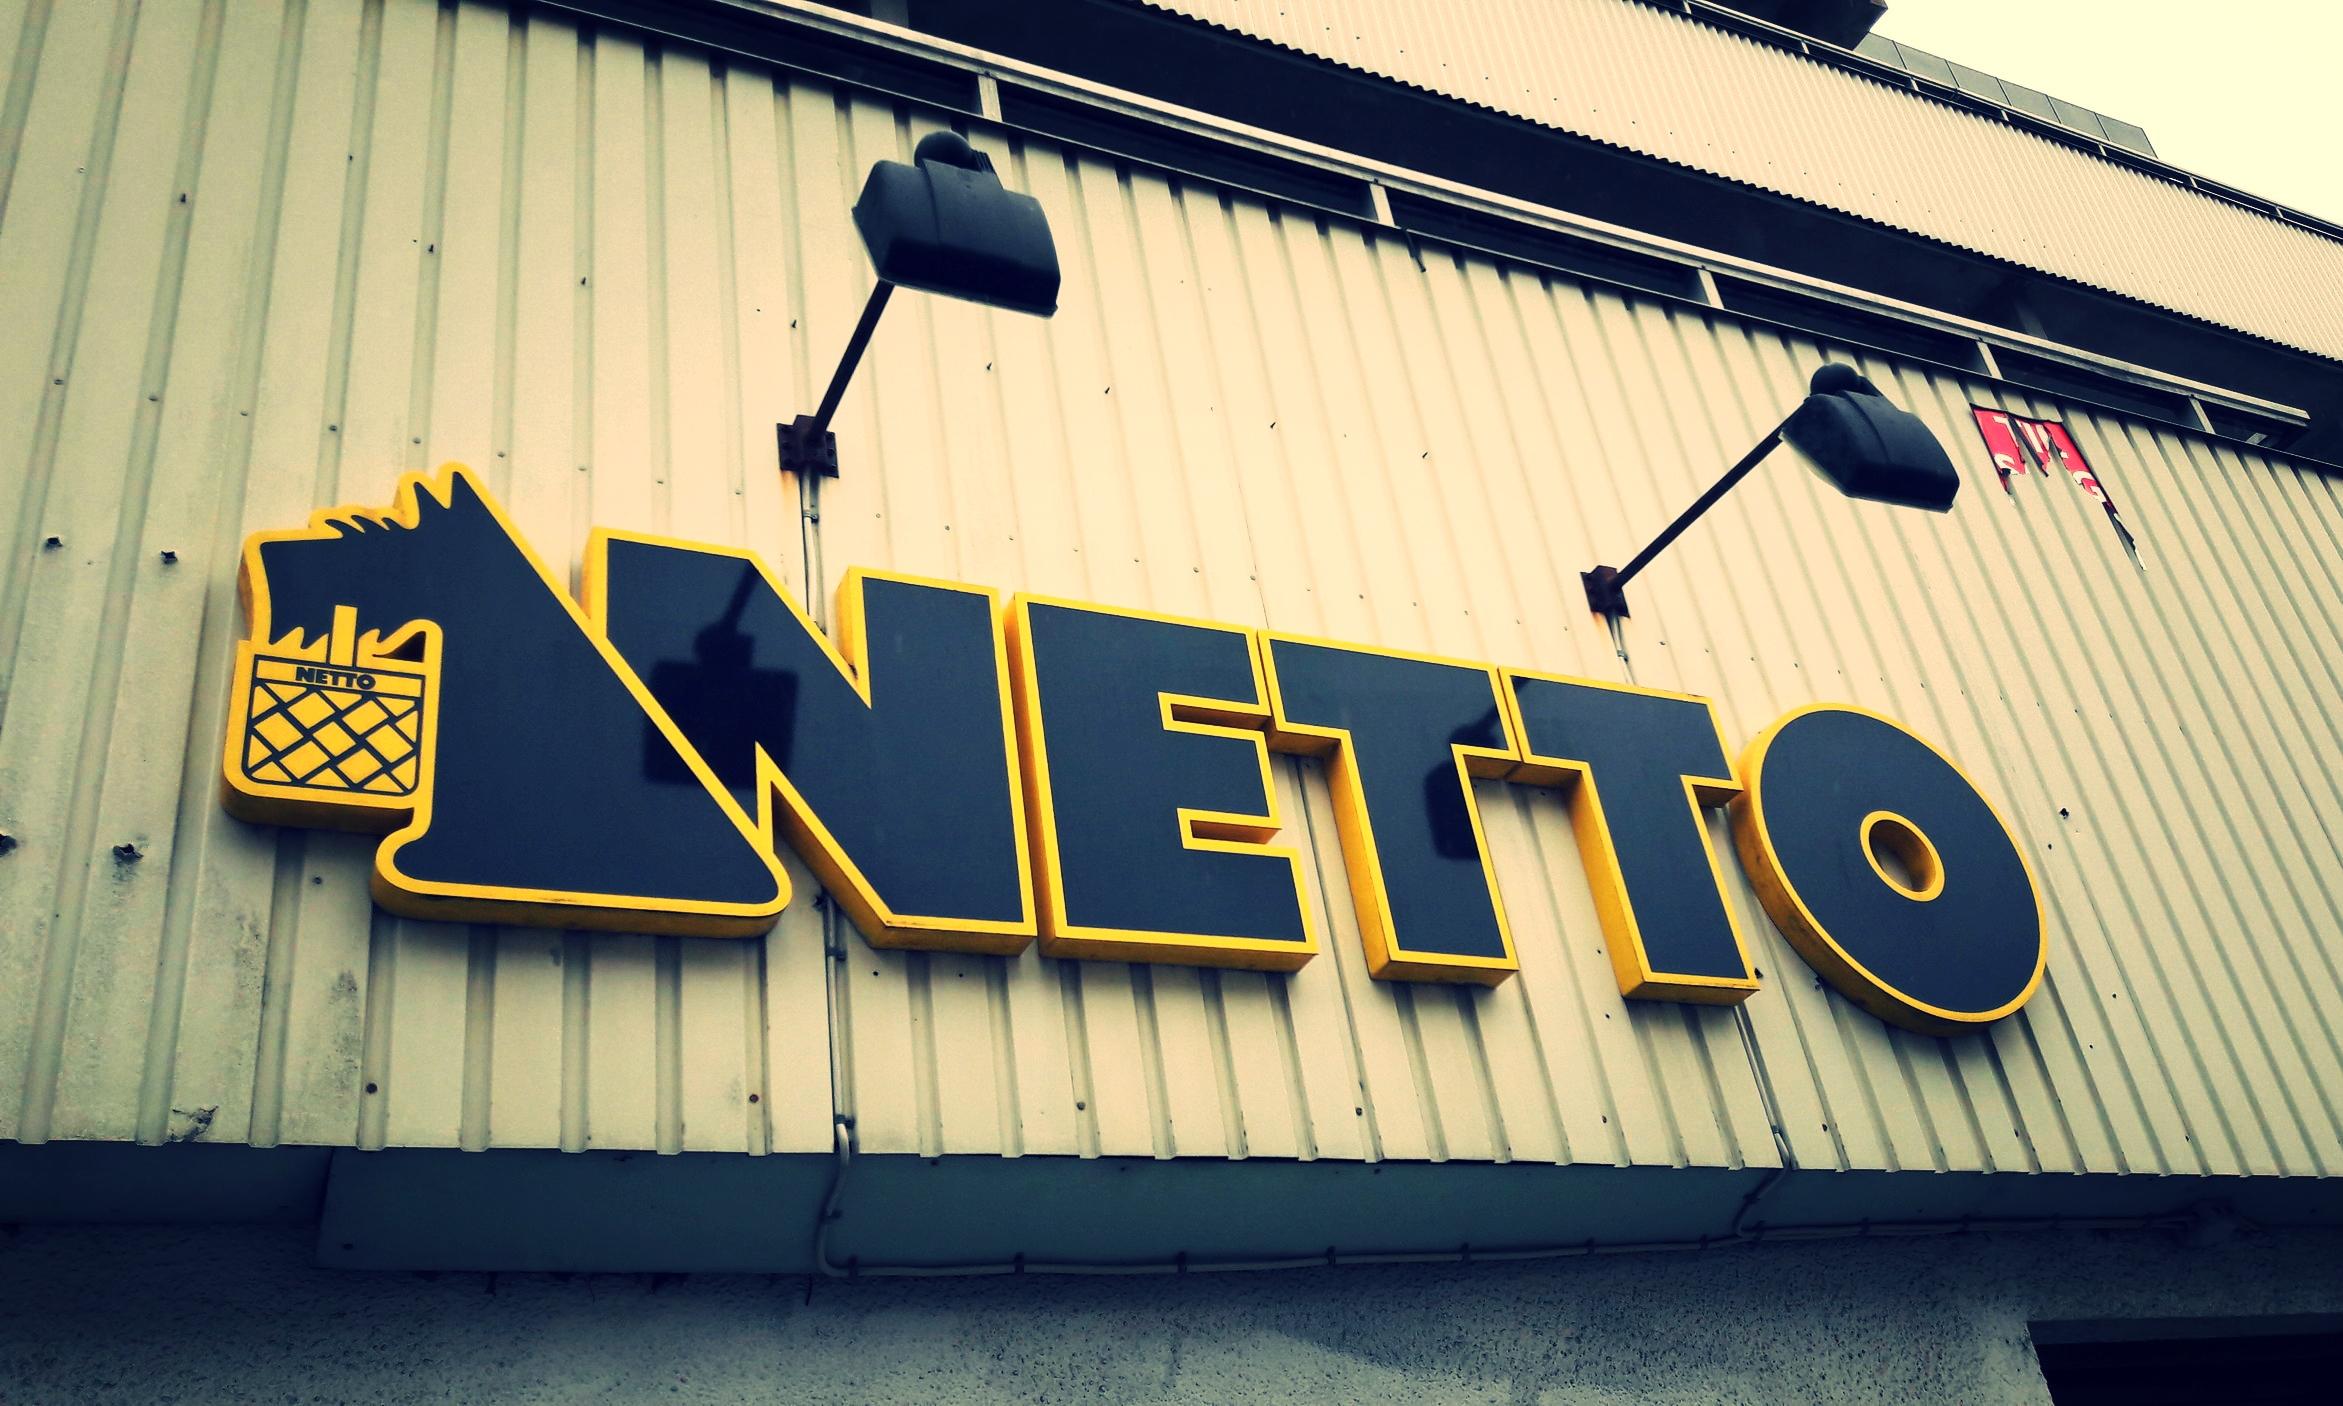 Naughty Netto.